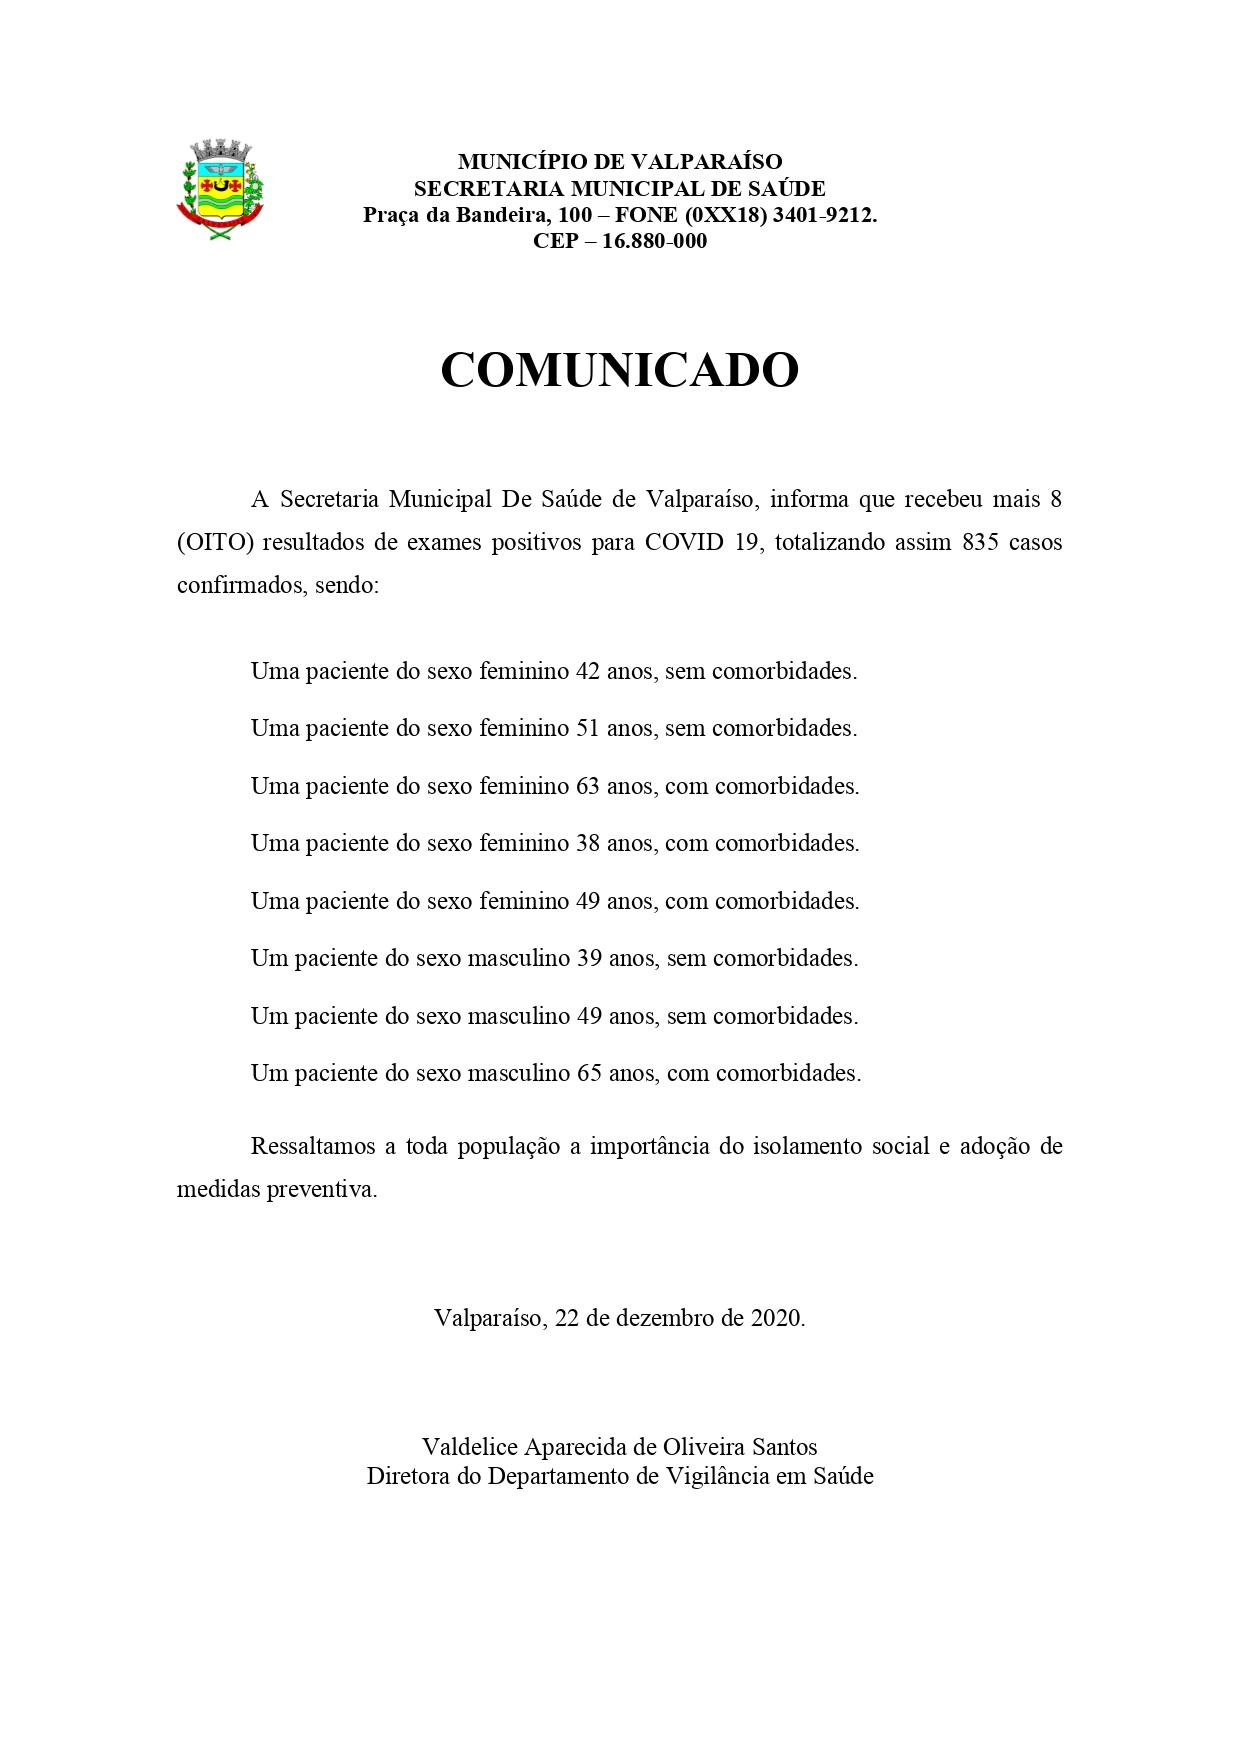 covid835